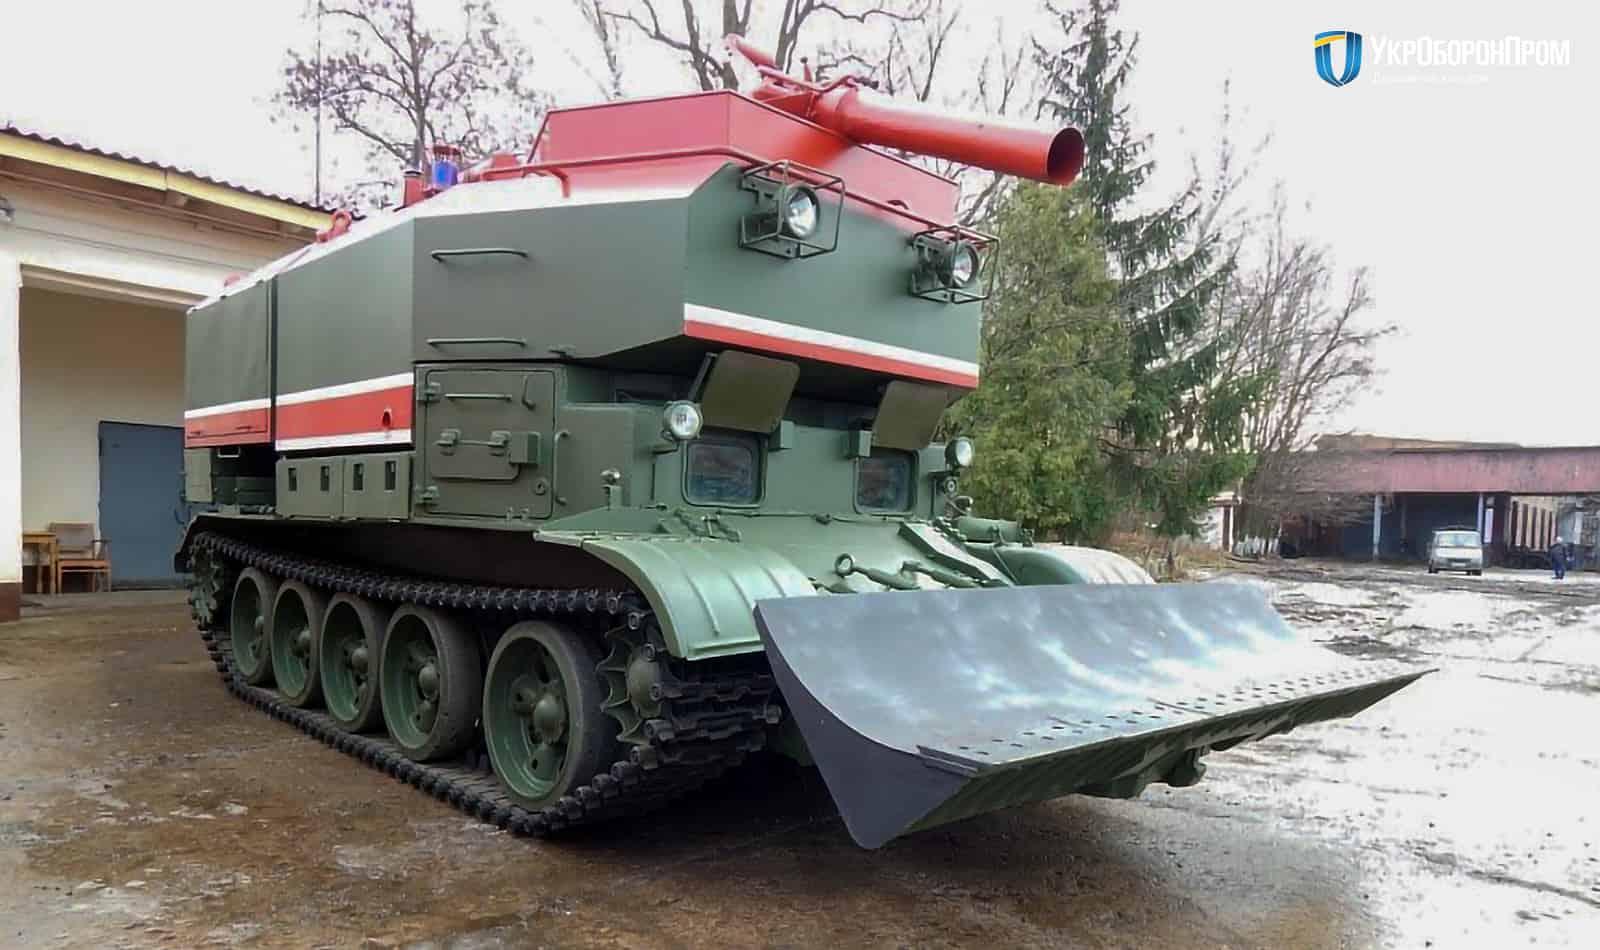 Гусенична броньована пожежна машина ГПМ-54.